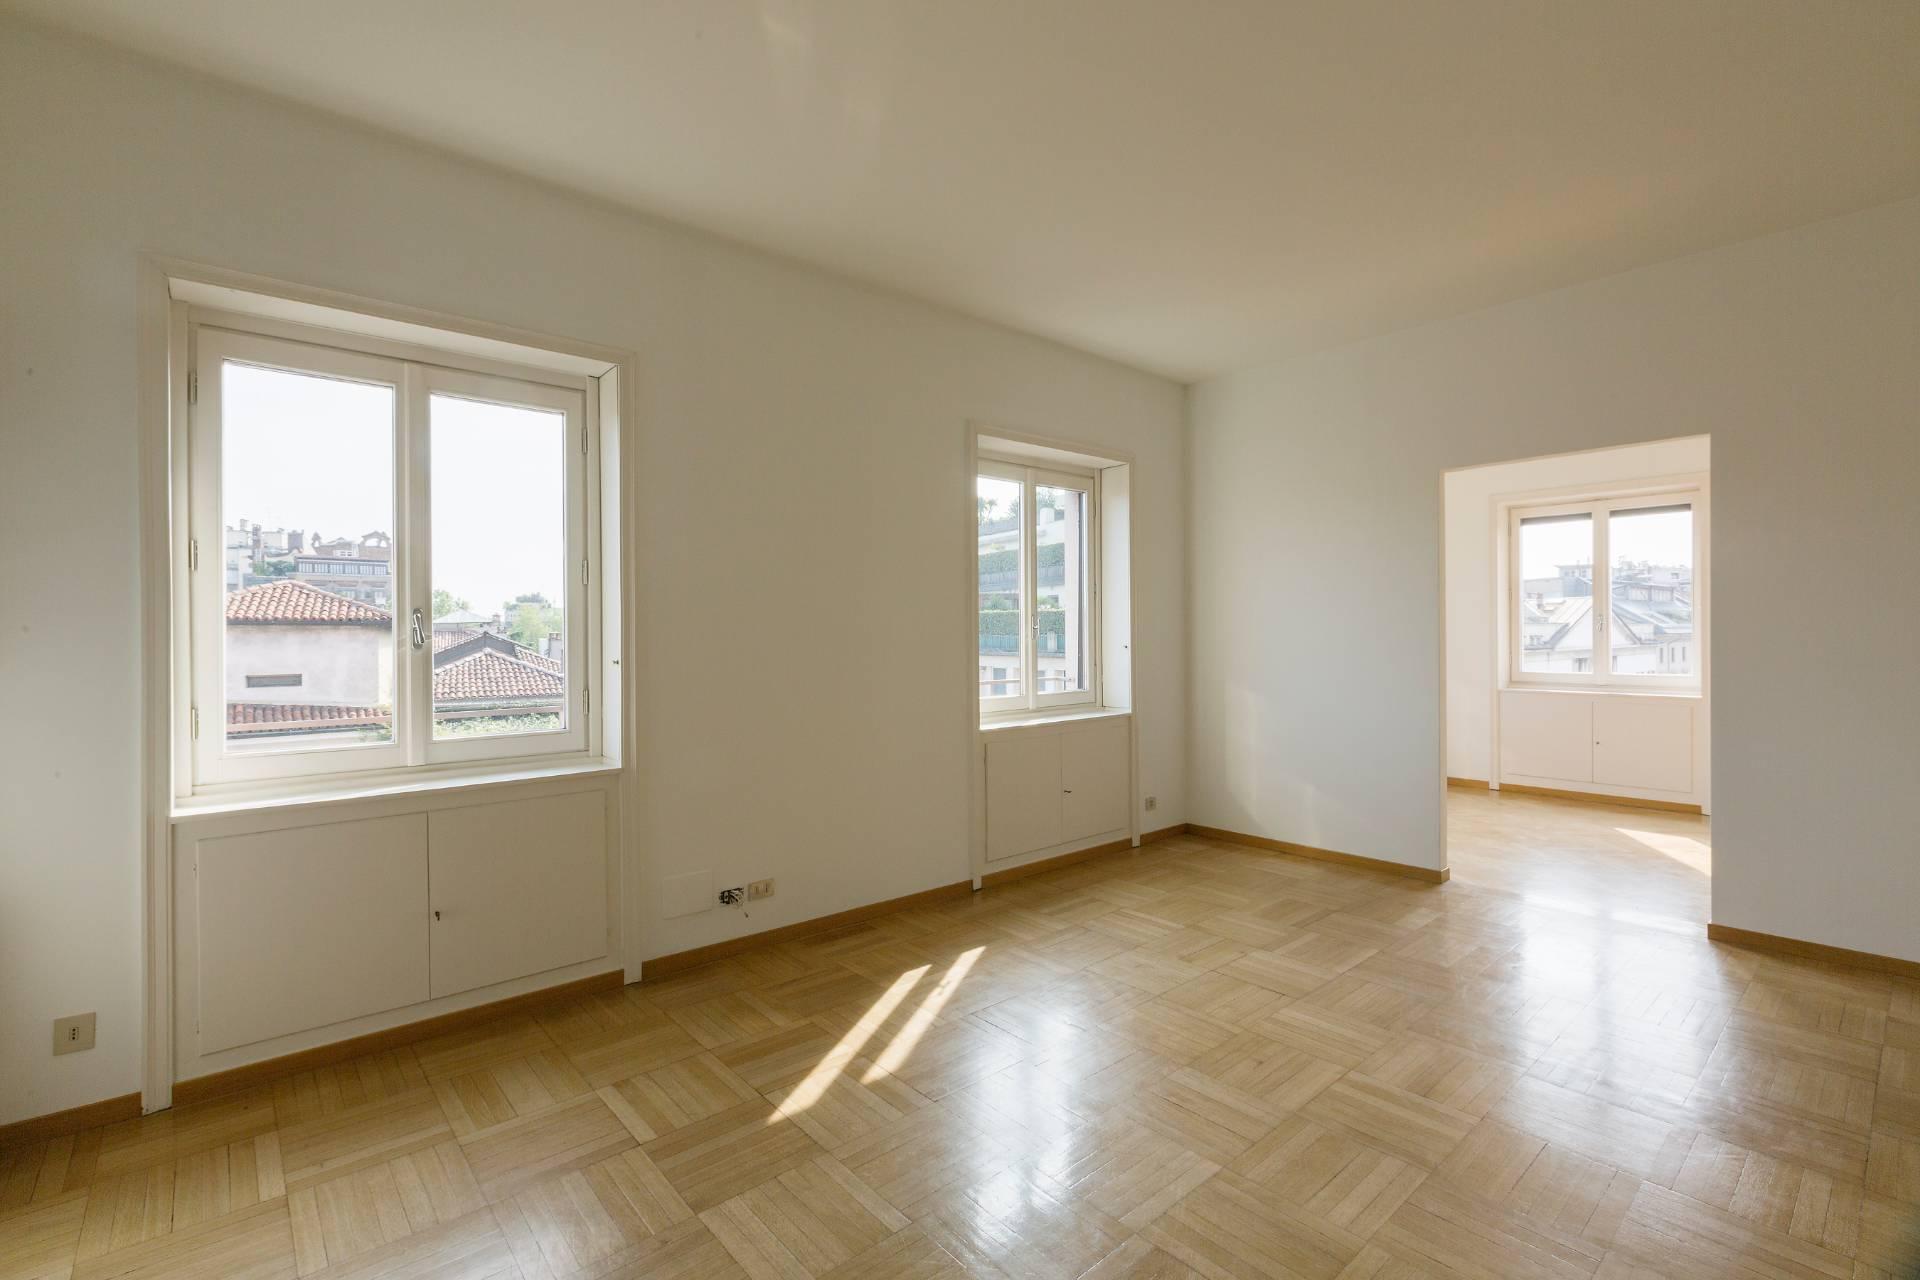 Appartamento di lusso in affitto a milano corso venezia for Appartamento design affitto milano